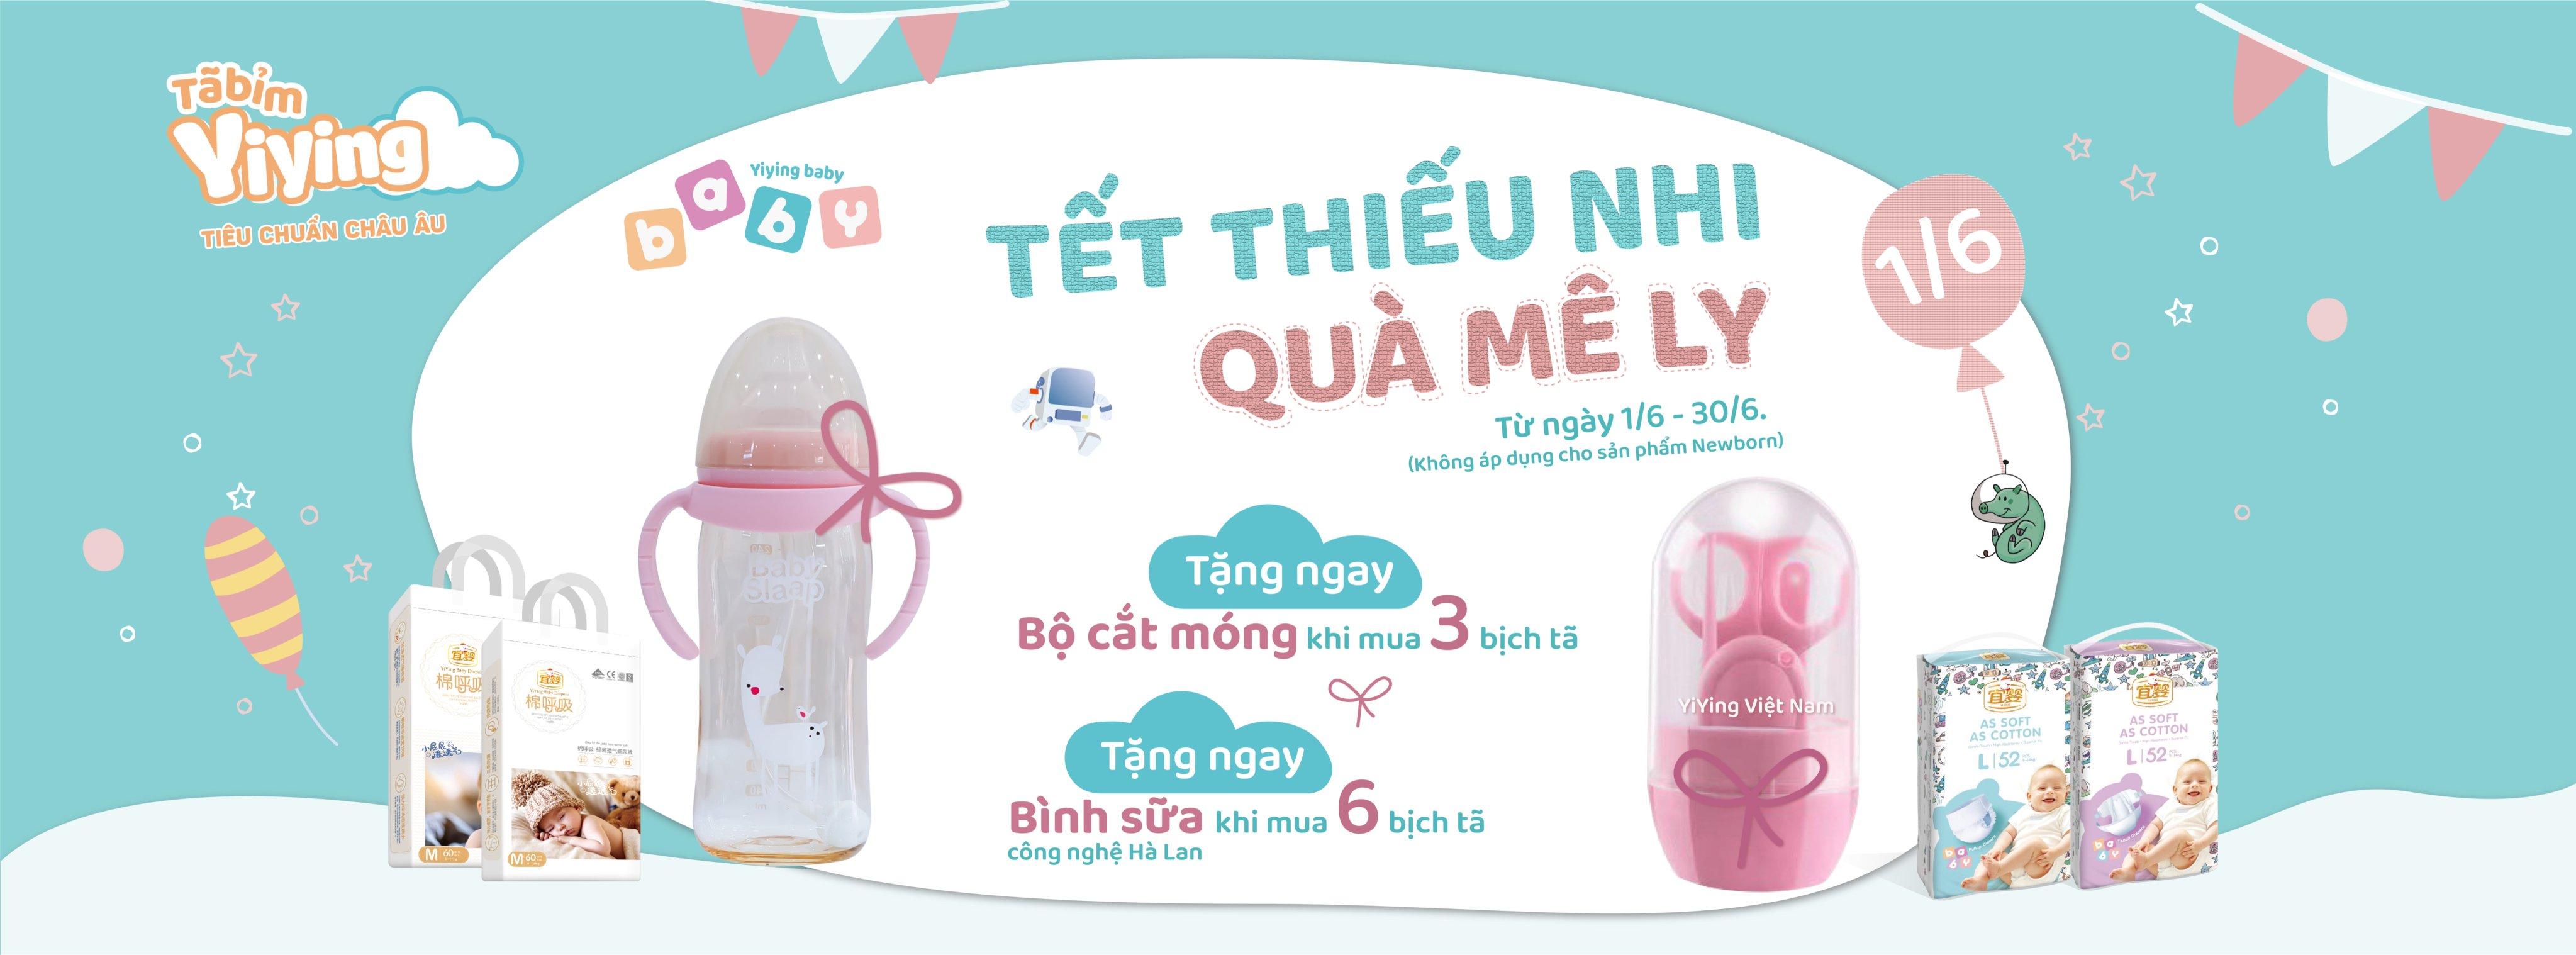 Yiying Việt Nam